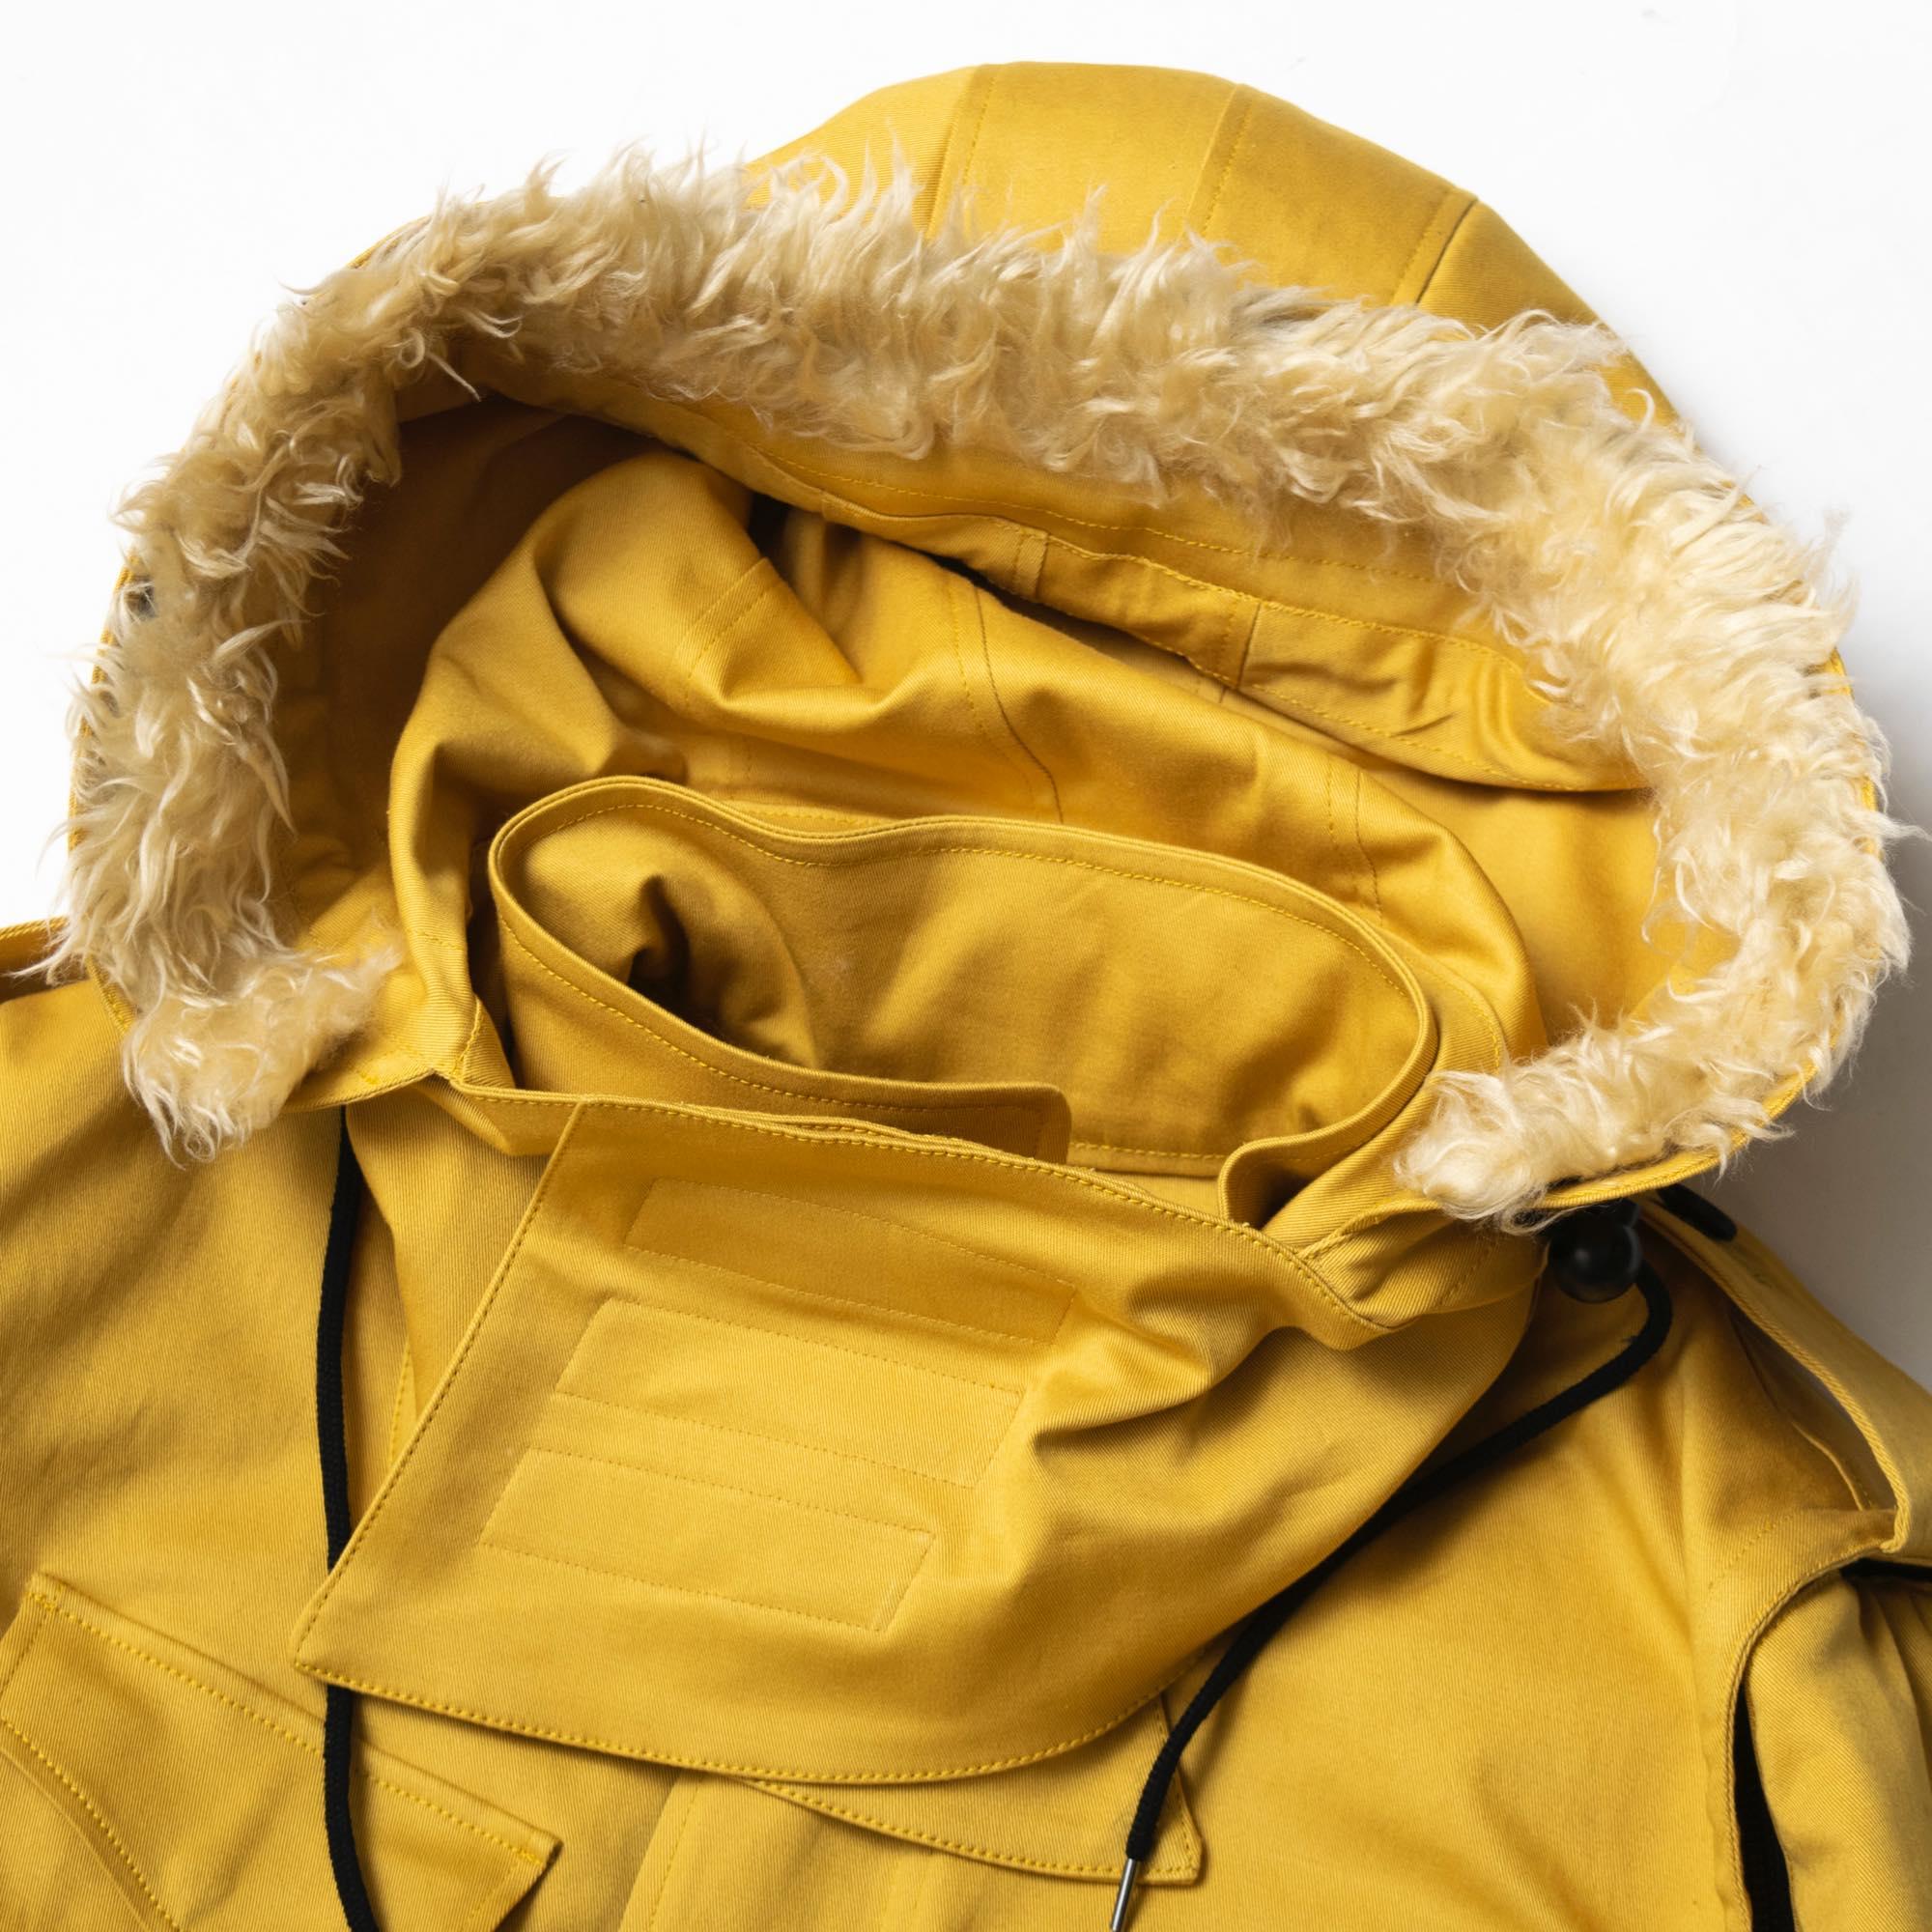 coat_yel_004